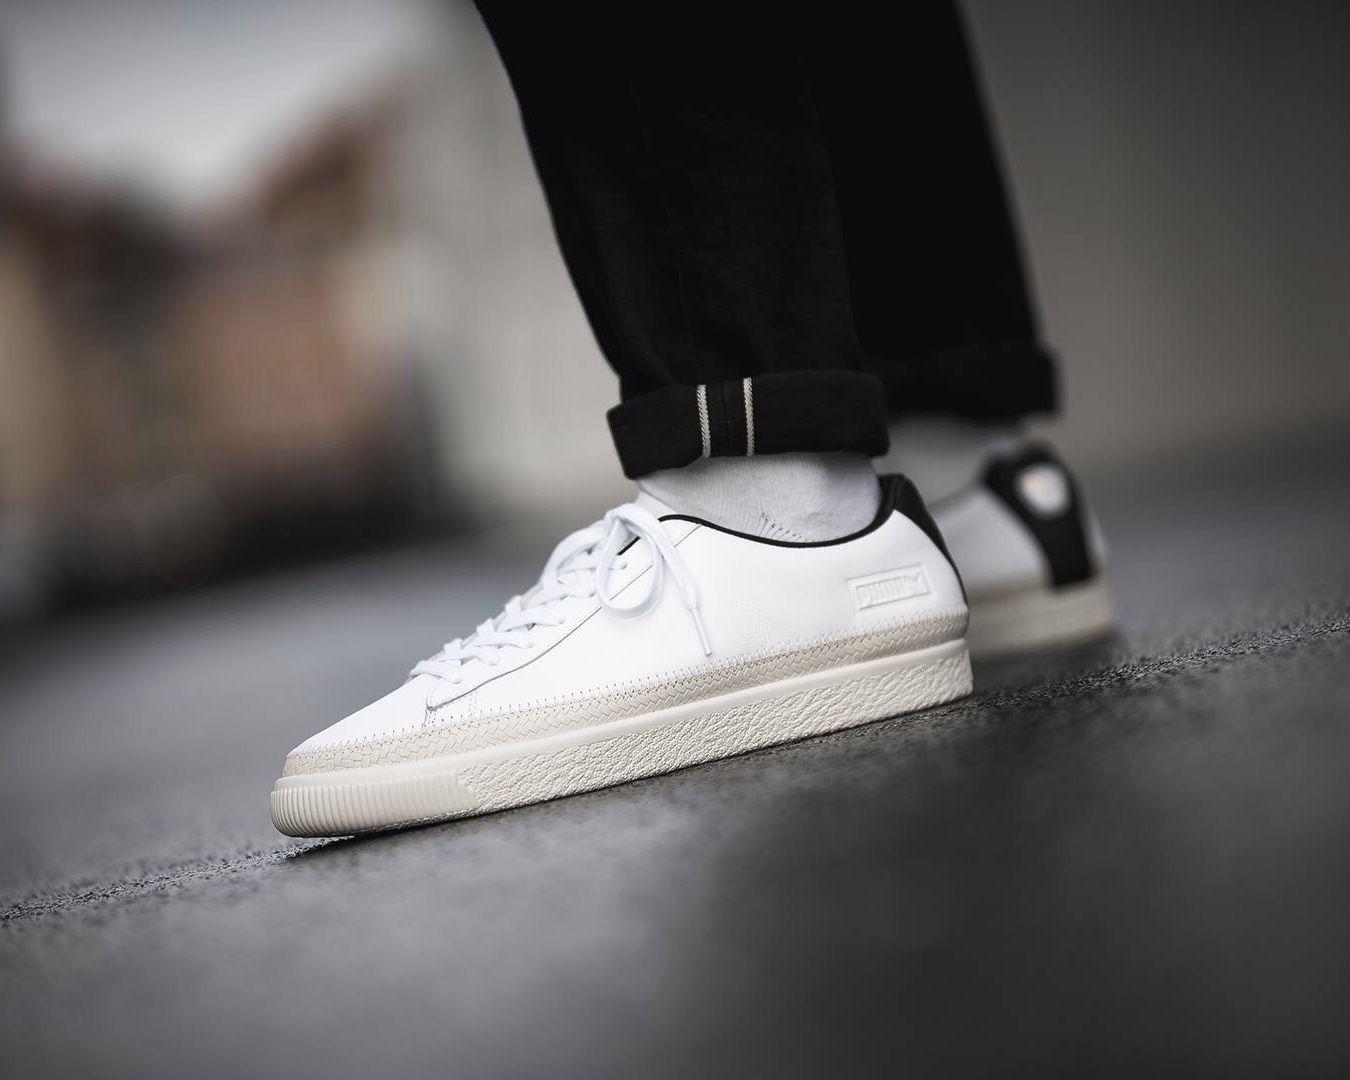 Puma Basket Trim   Puma, Up shoes